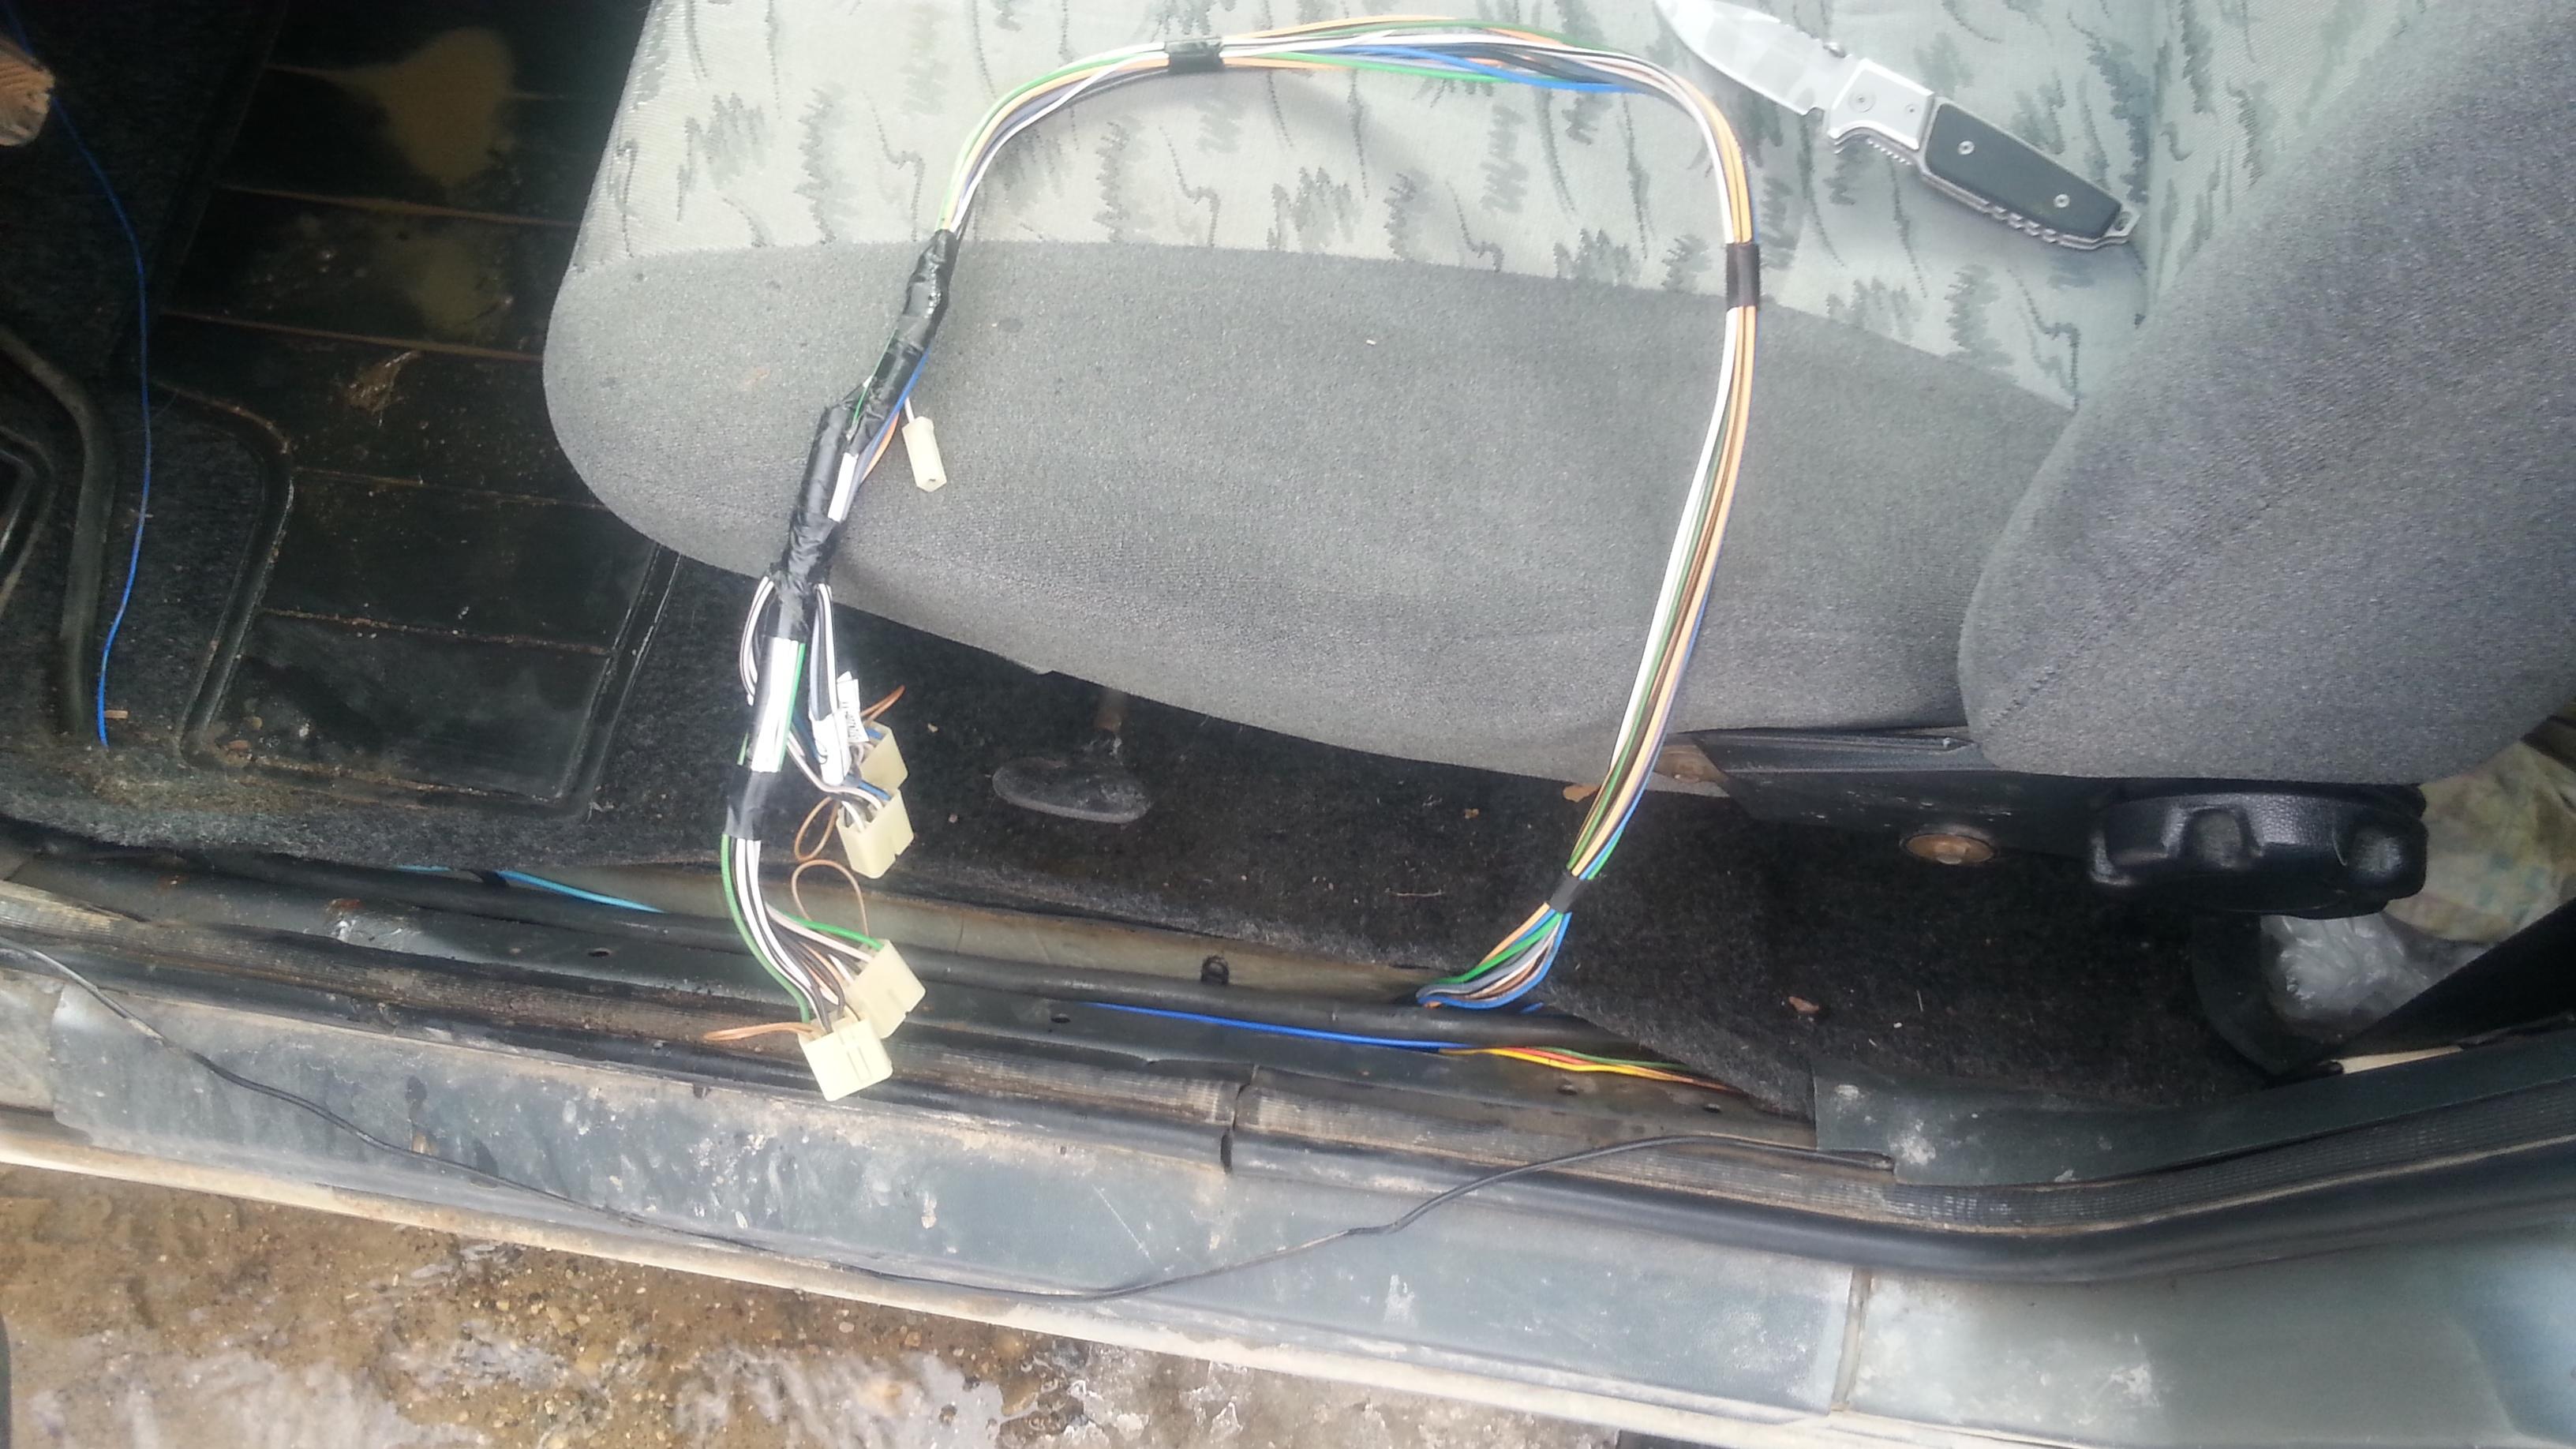 Установка блока переключателей стеклоподъемников и управления зеркалами UAZ Patriot и ГАЗель-NEXT. Рис. 8